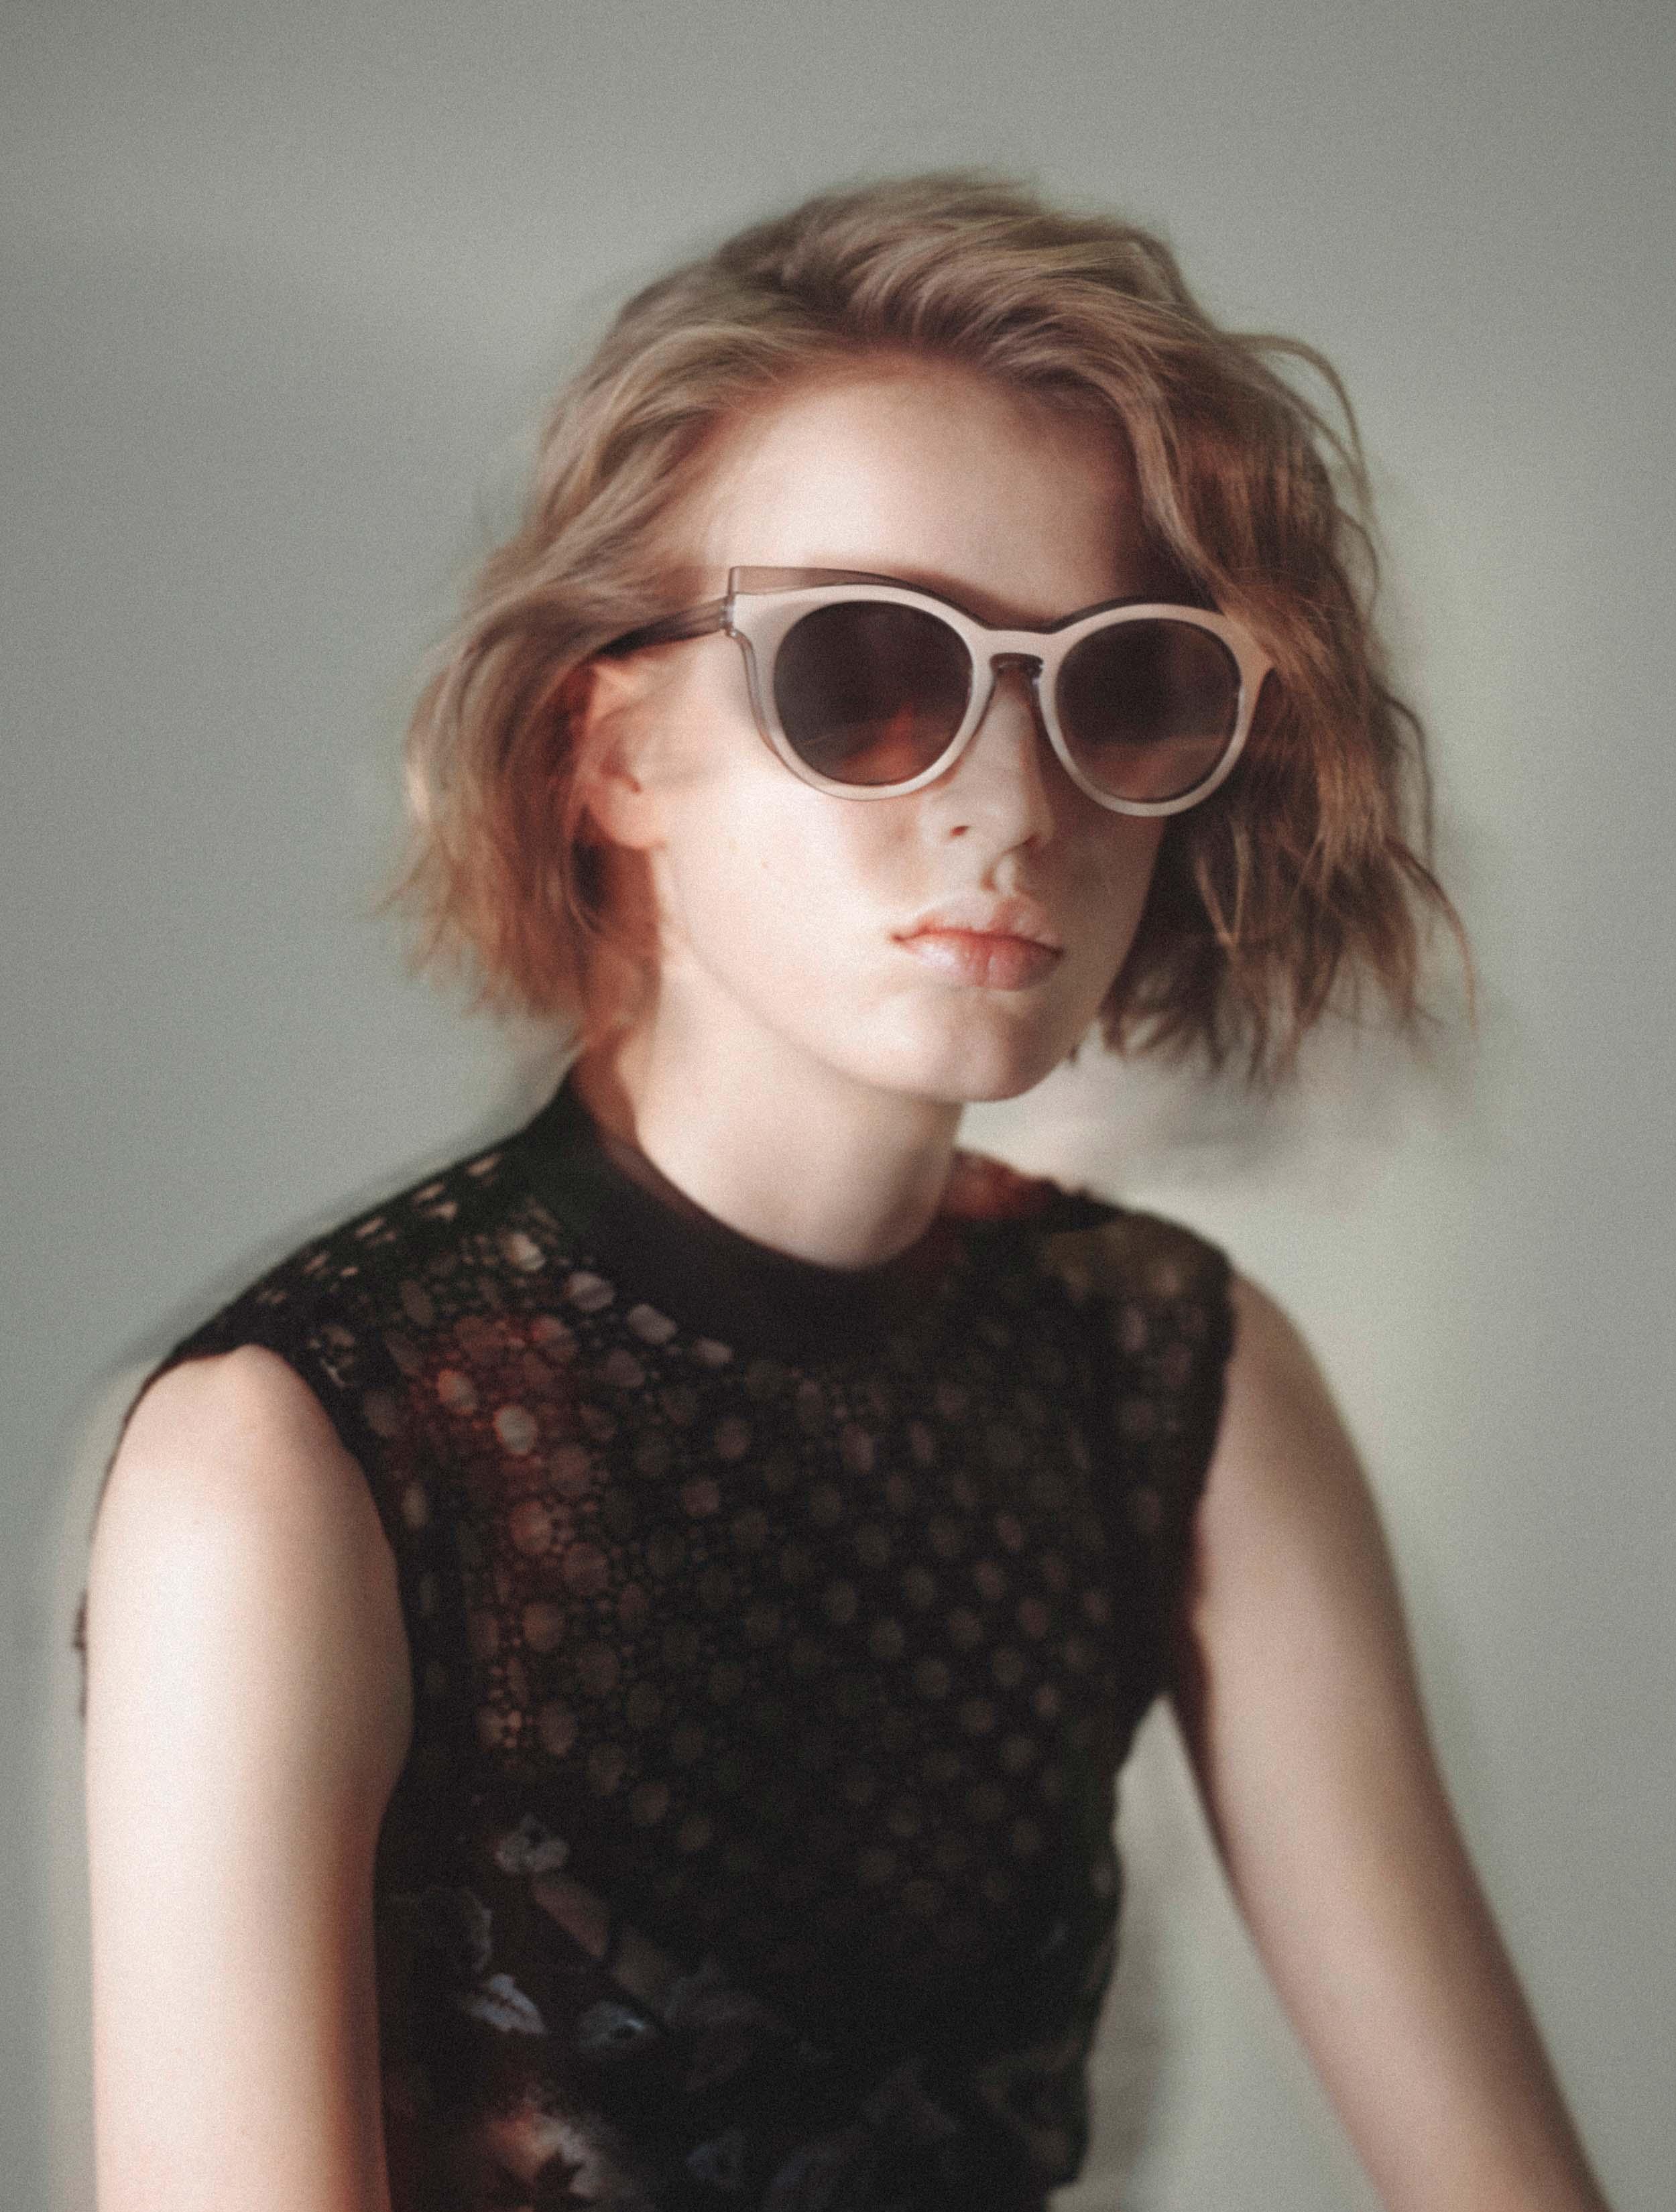 Sunglasses Lookbook 8